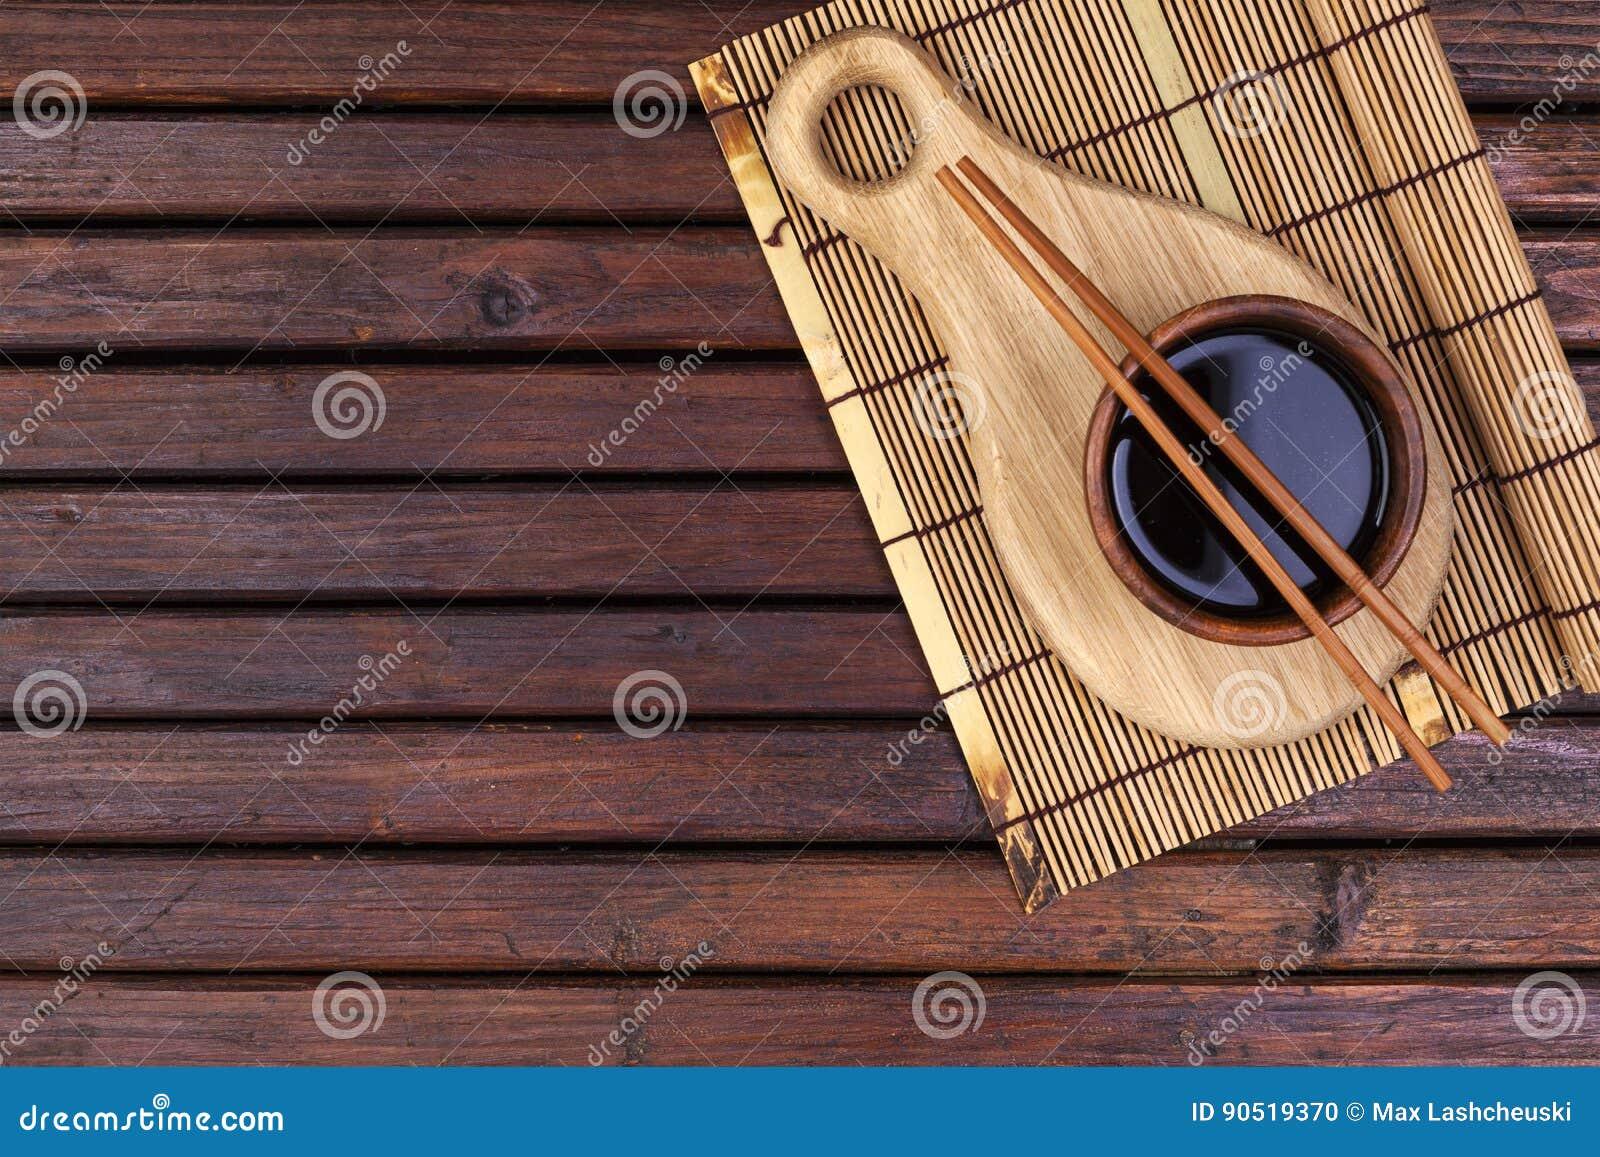 Hintergrund Fur Sushi Bambusmatte Sojasosse Essstabchen Auf